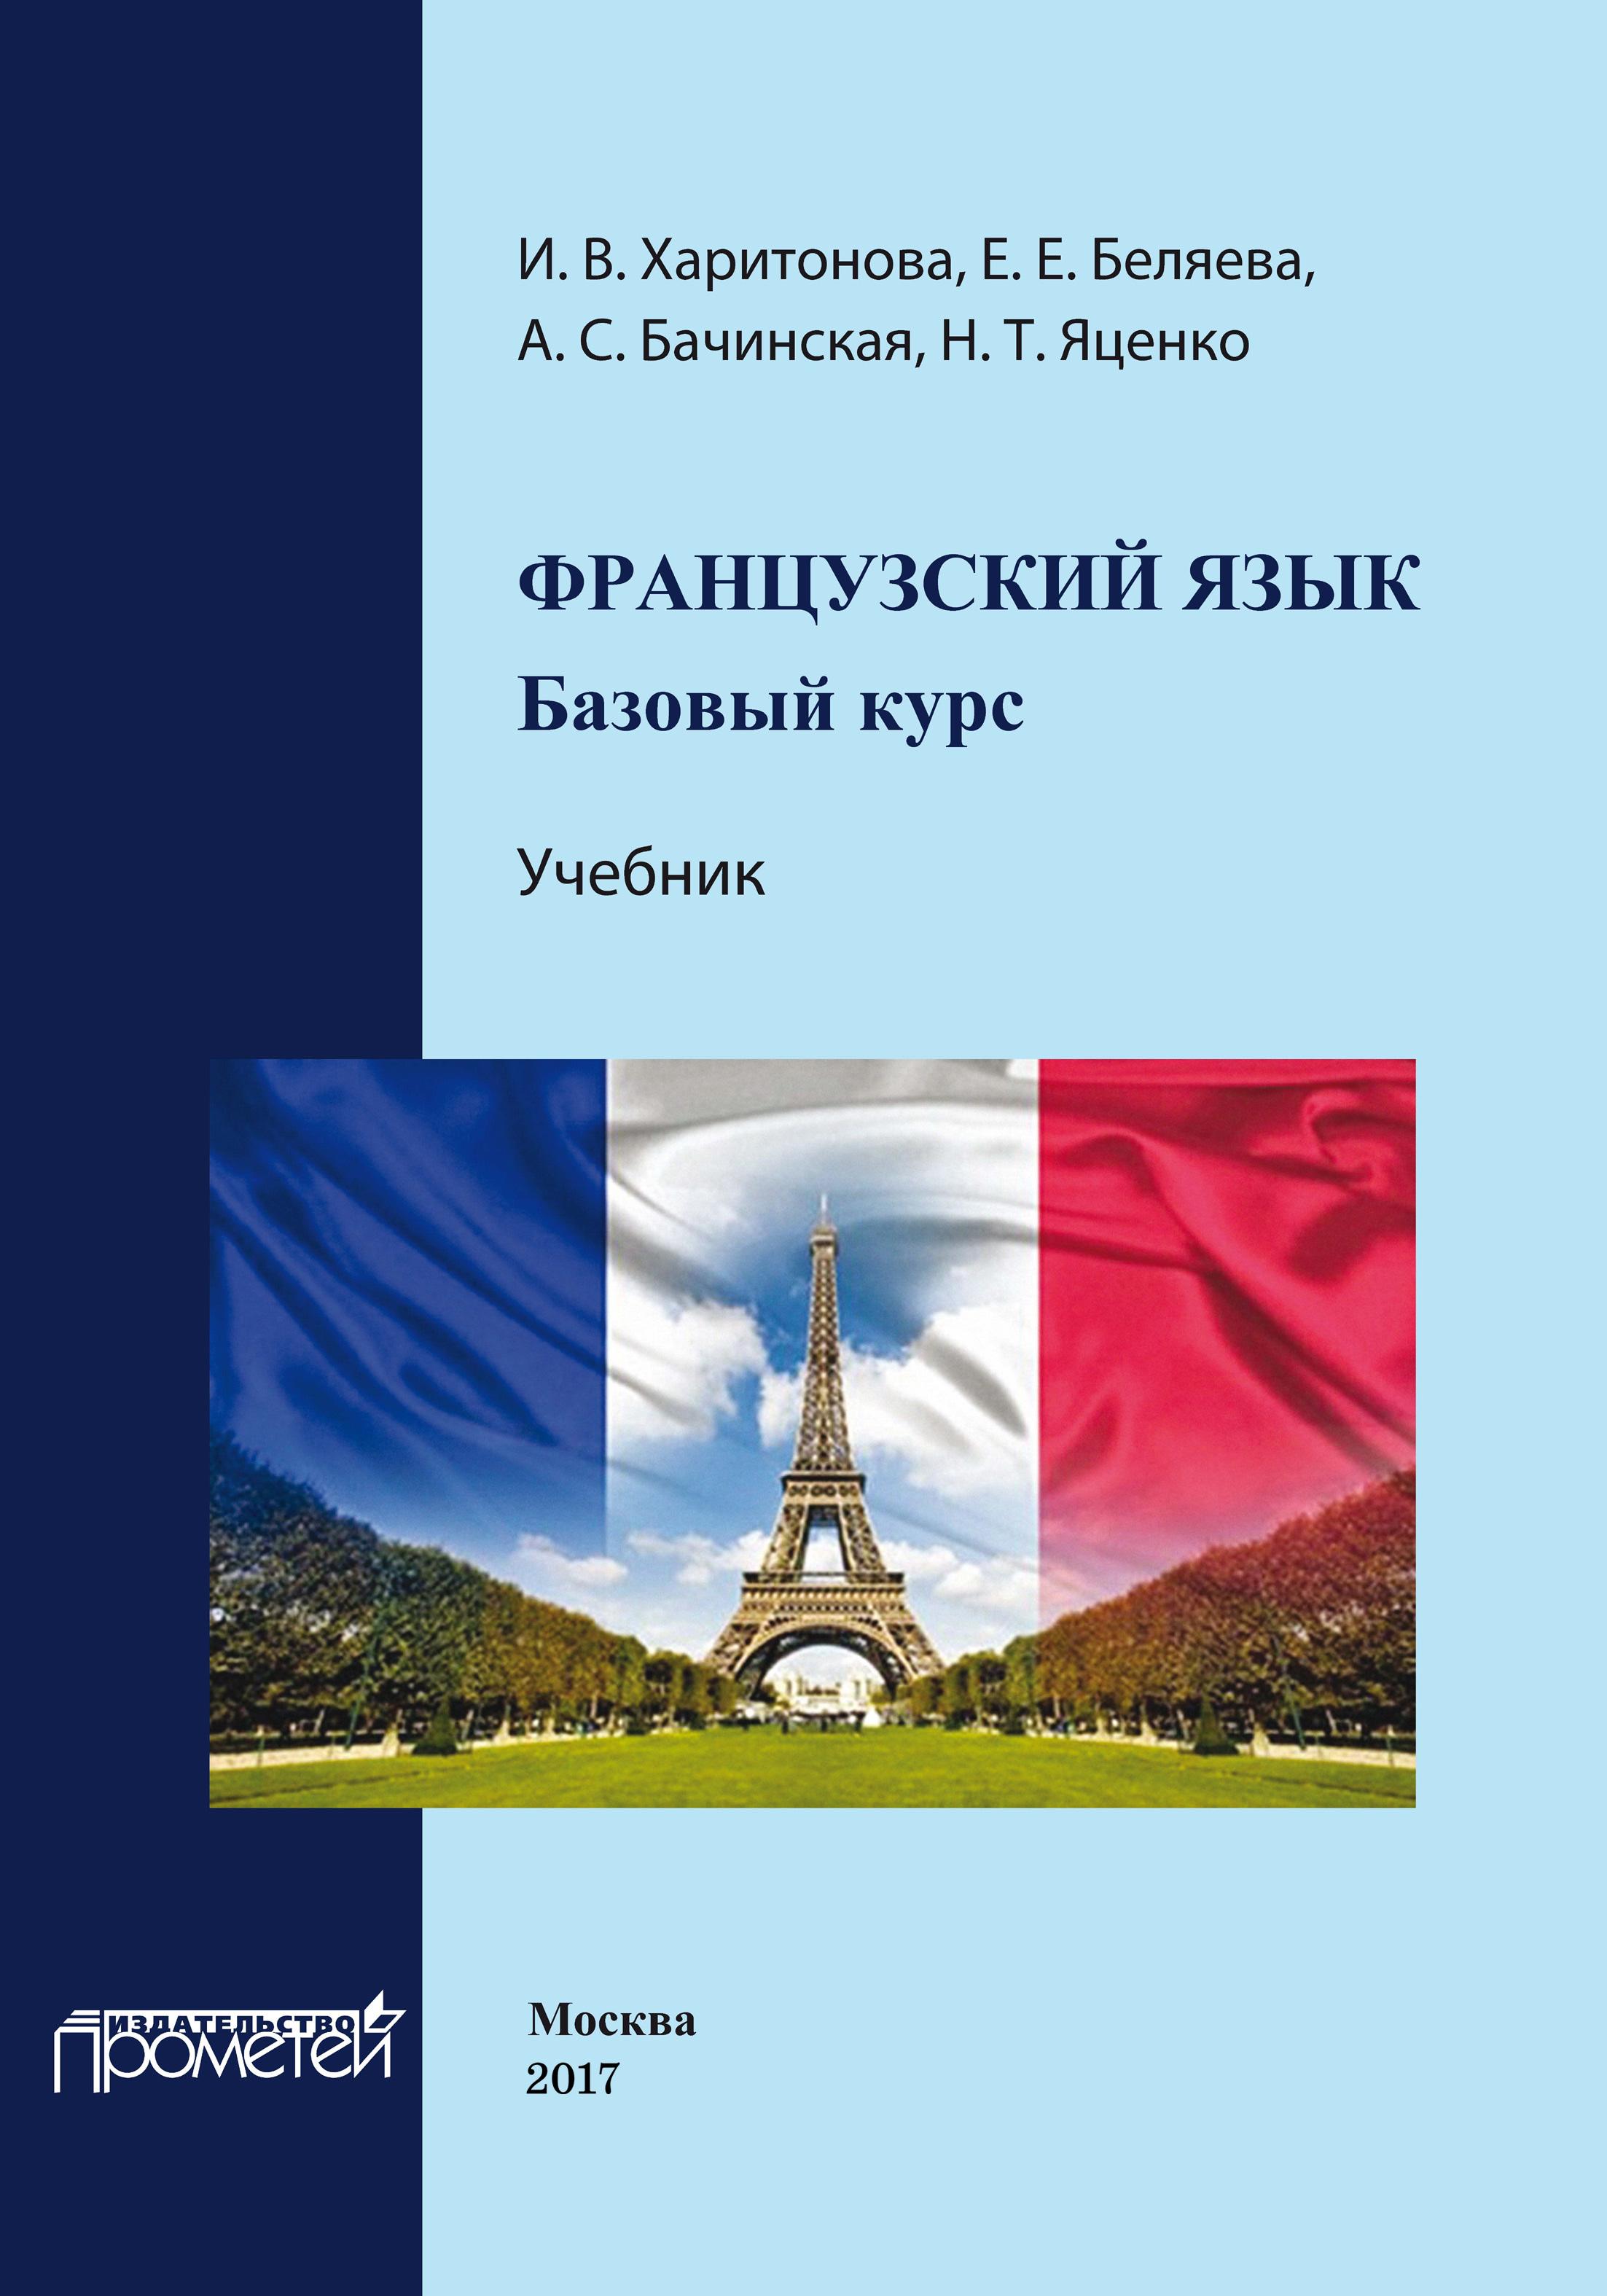 И. В. Харитонова Французский язык: базовый курс. Учебник хантер дэвид рафтер джефф фаусетт джо xml базовый курс